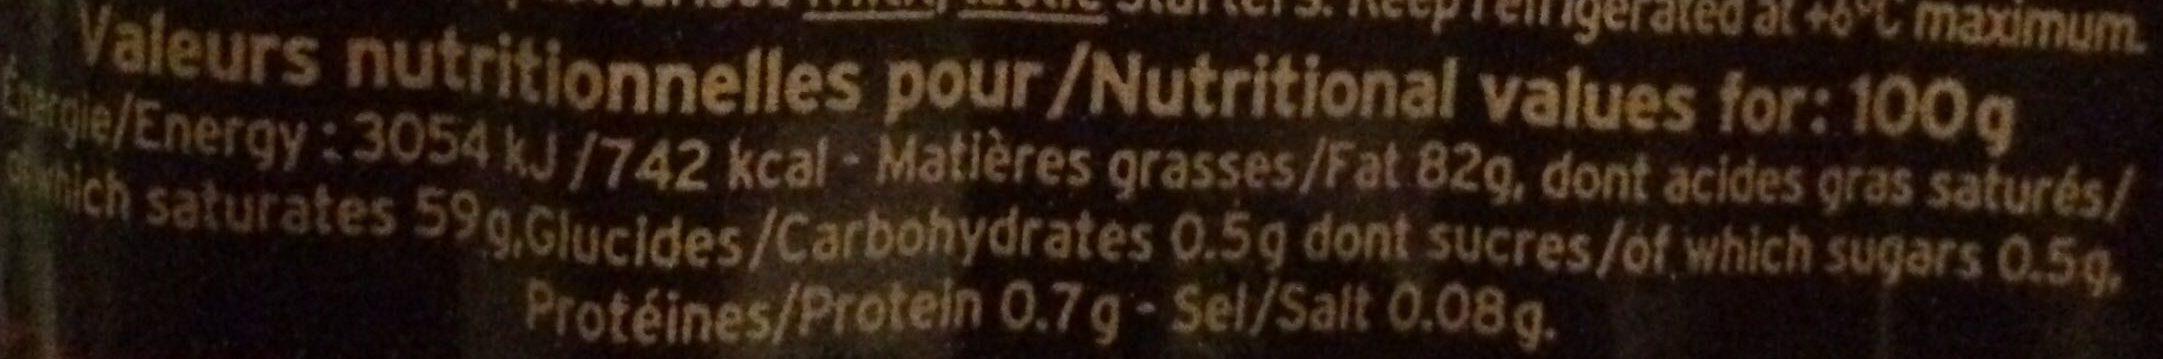 BEURRE DE BARATTE DX 250 G - Informations nutritionnelles - fr